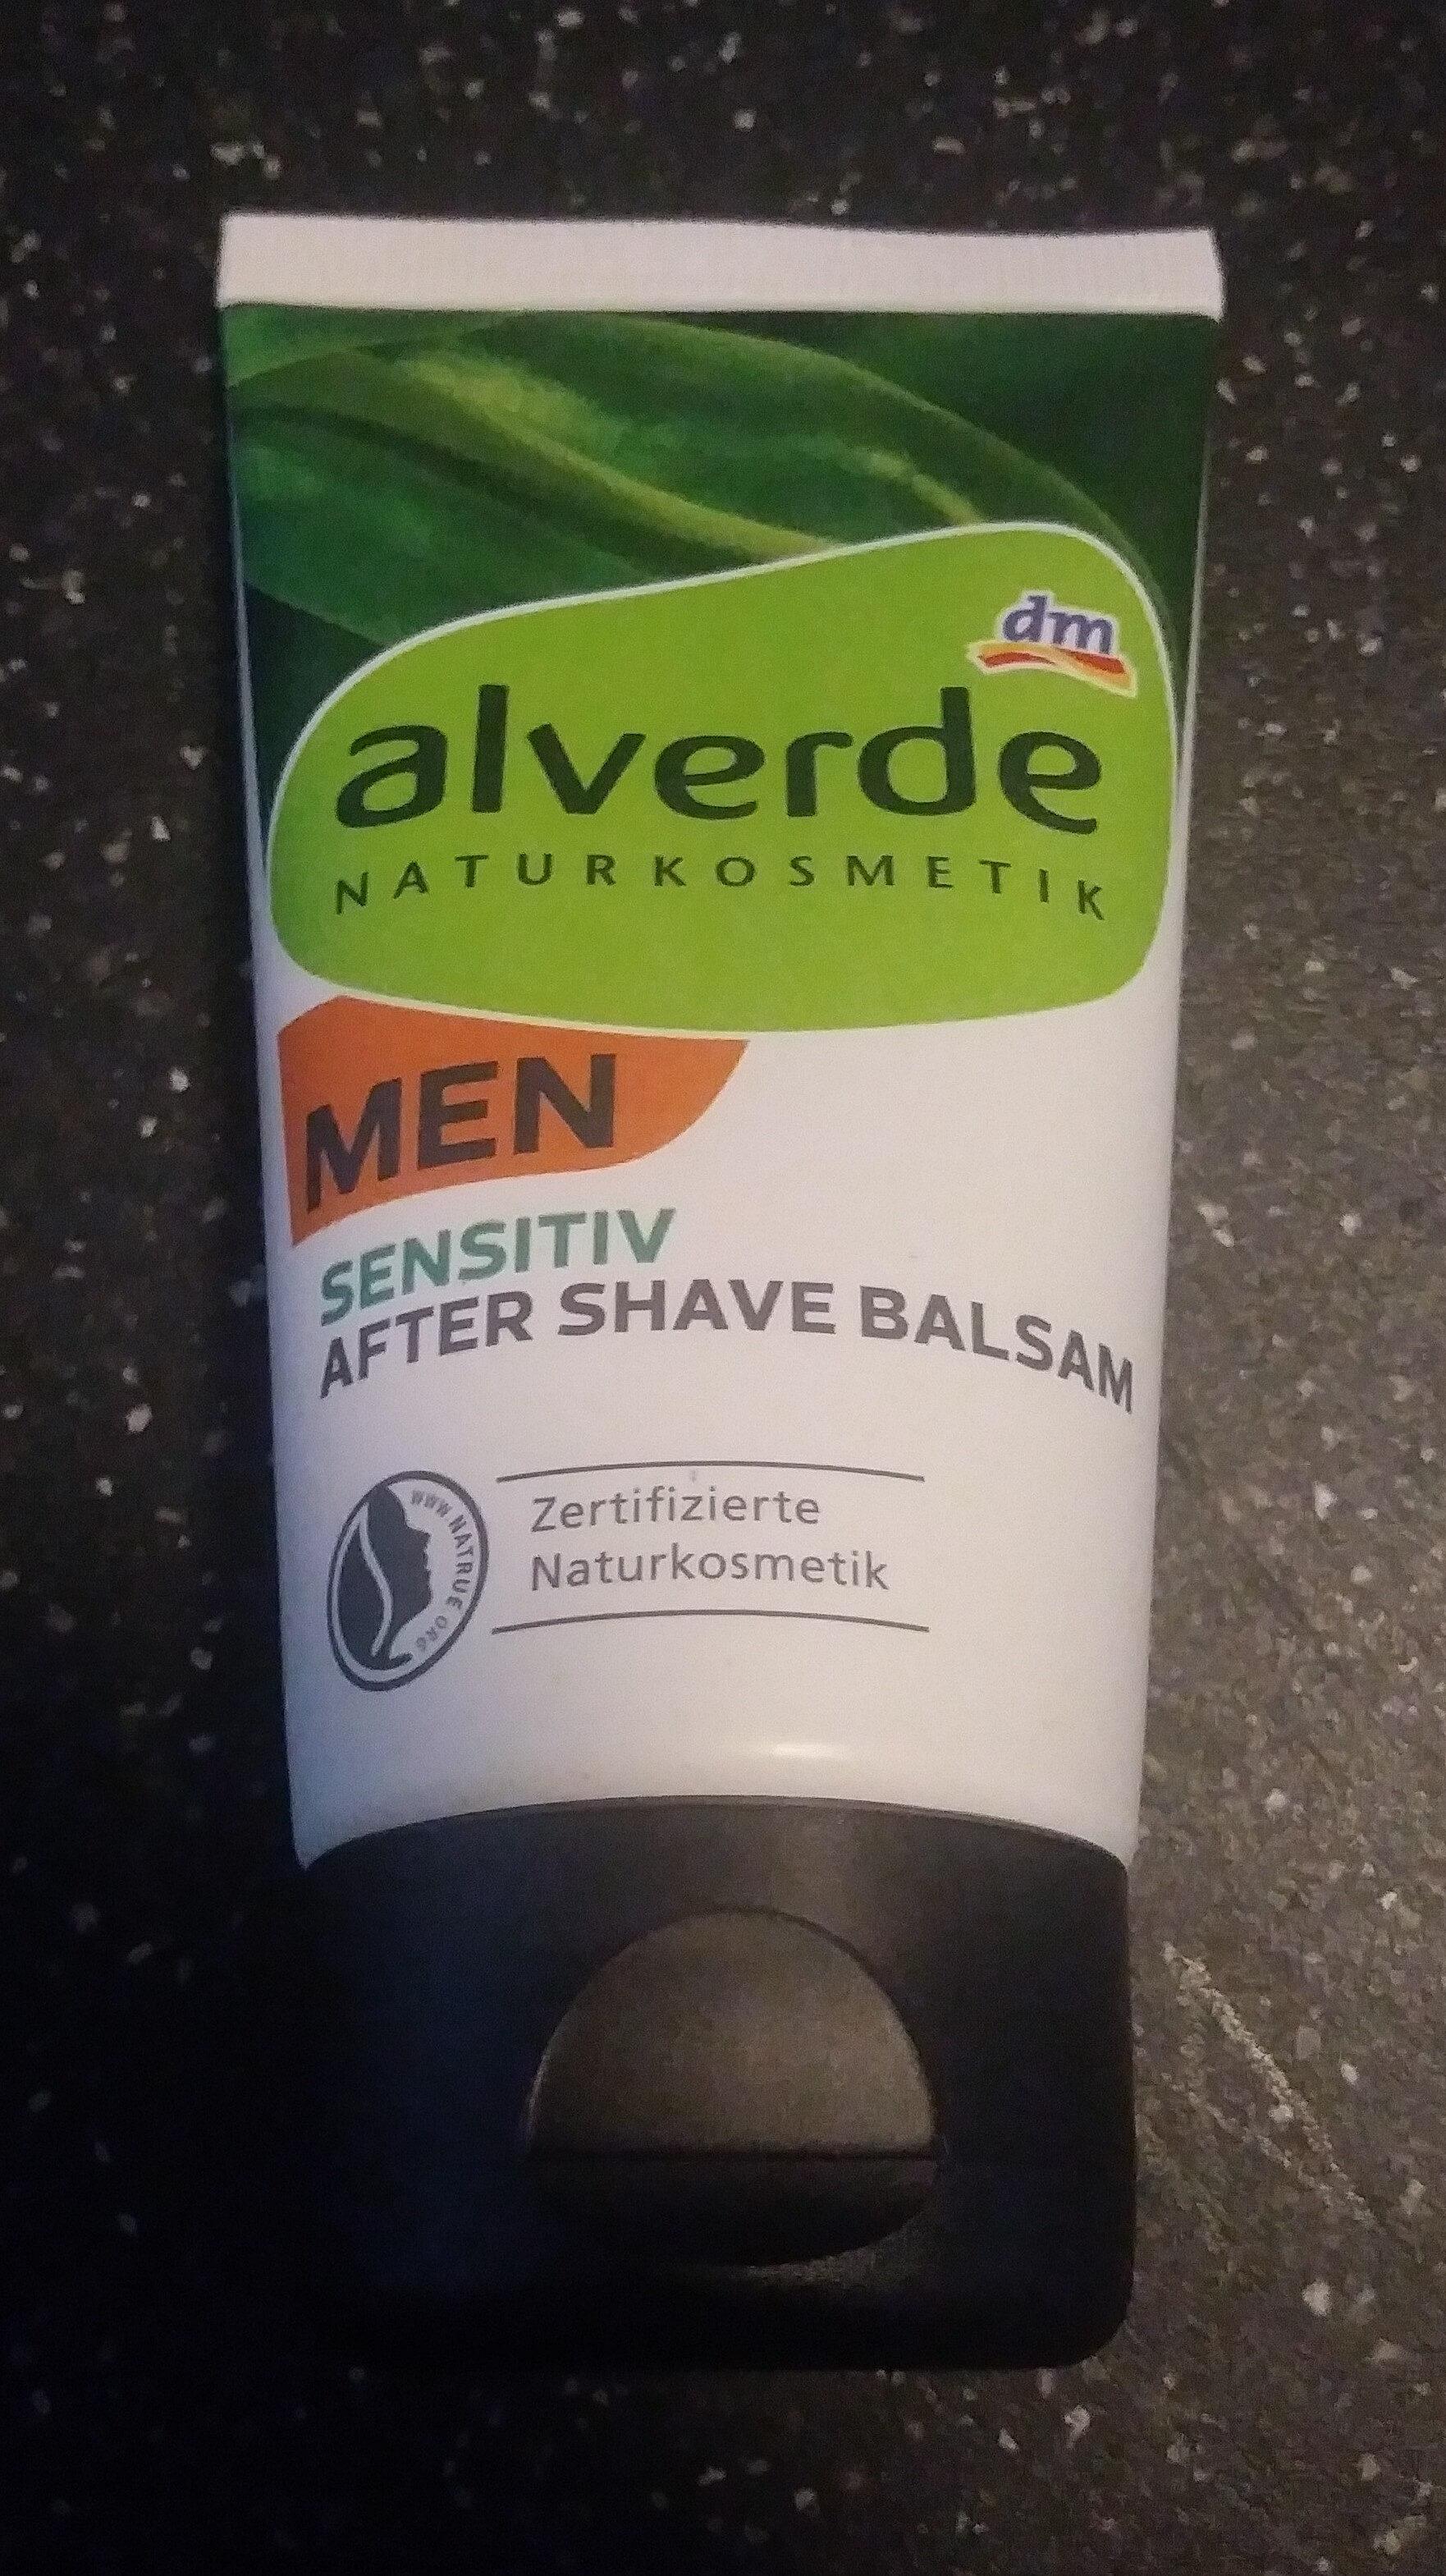 Sensitiv After Shave Balsam - Product